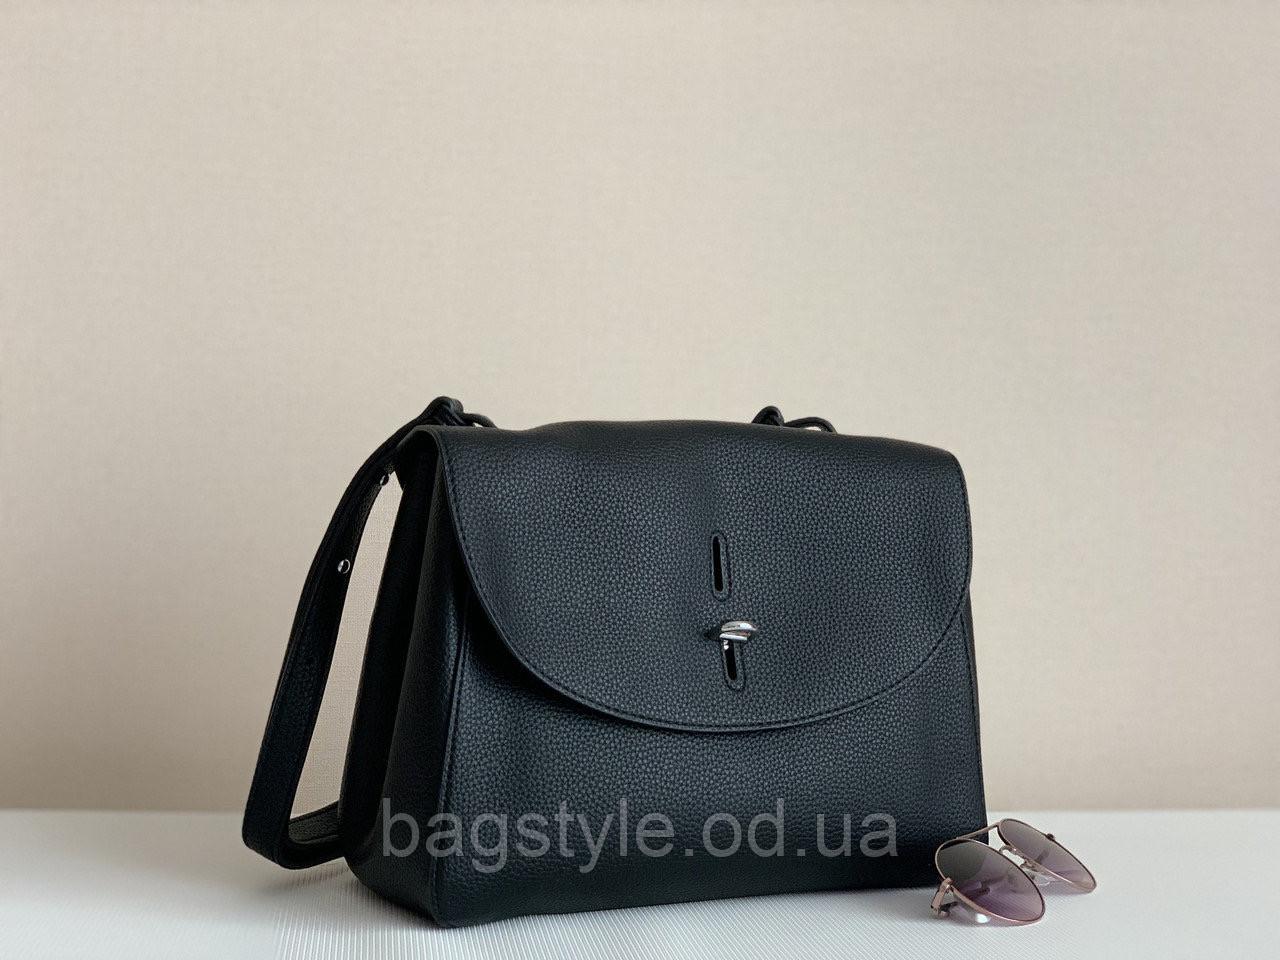 Жіноча чорна наплічна сумка класична